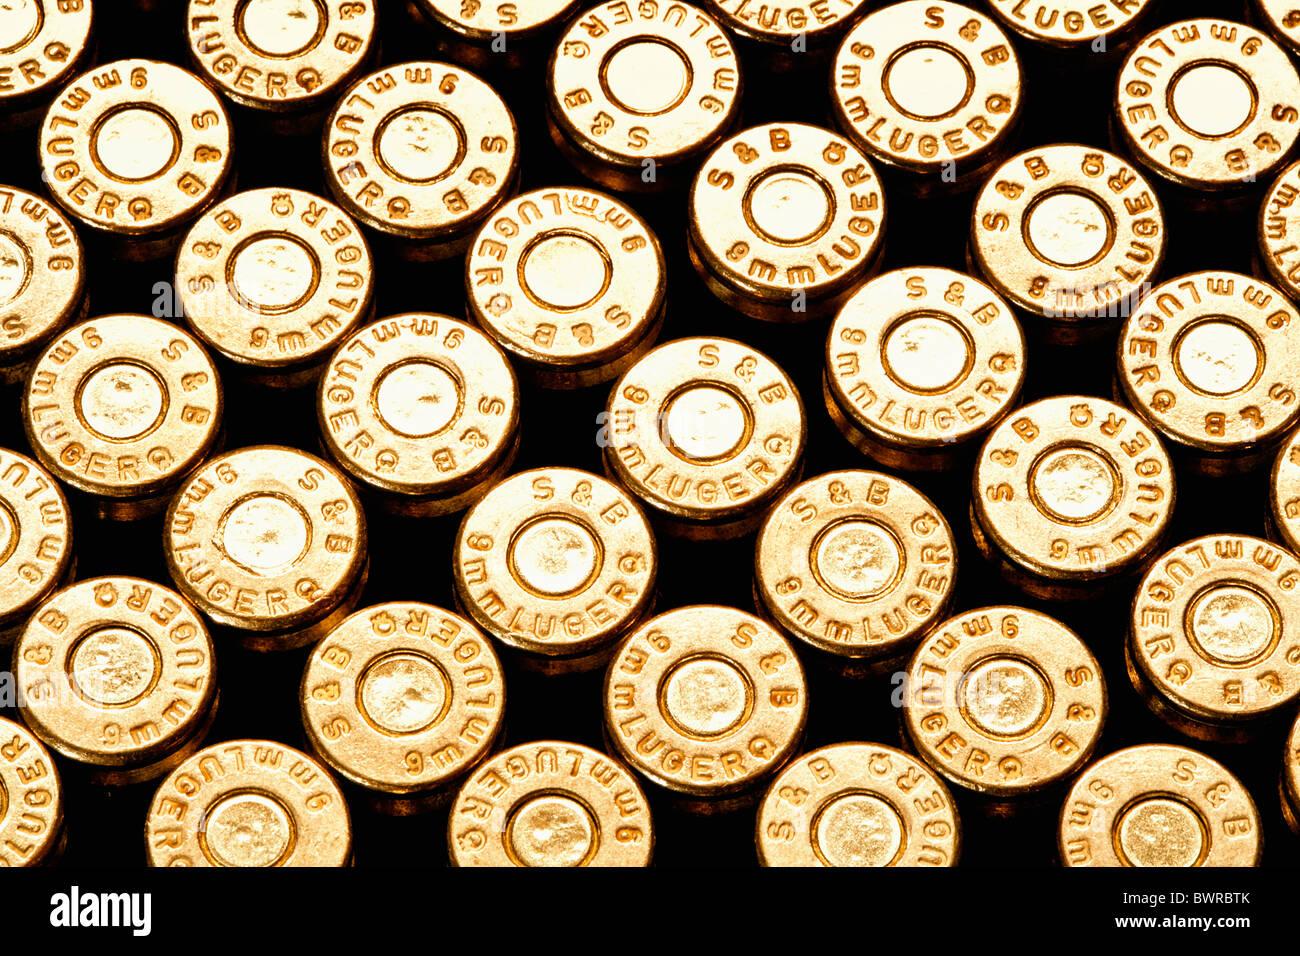 Abundance Aggression Ammunition Brass Bullet Bullets Caliber Close-up Concept Crime Danger Detail Enforcem - Stock Image